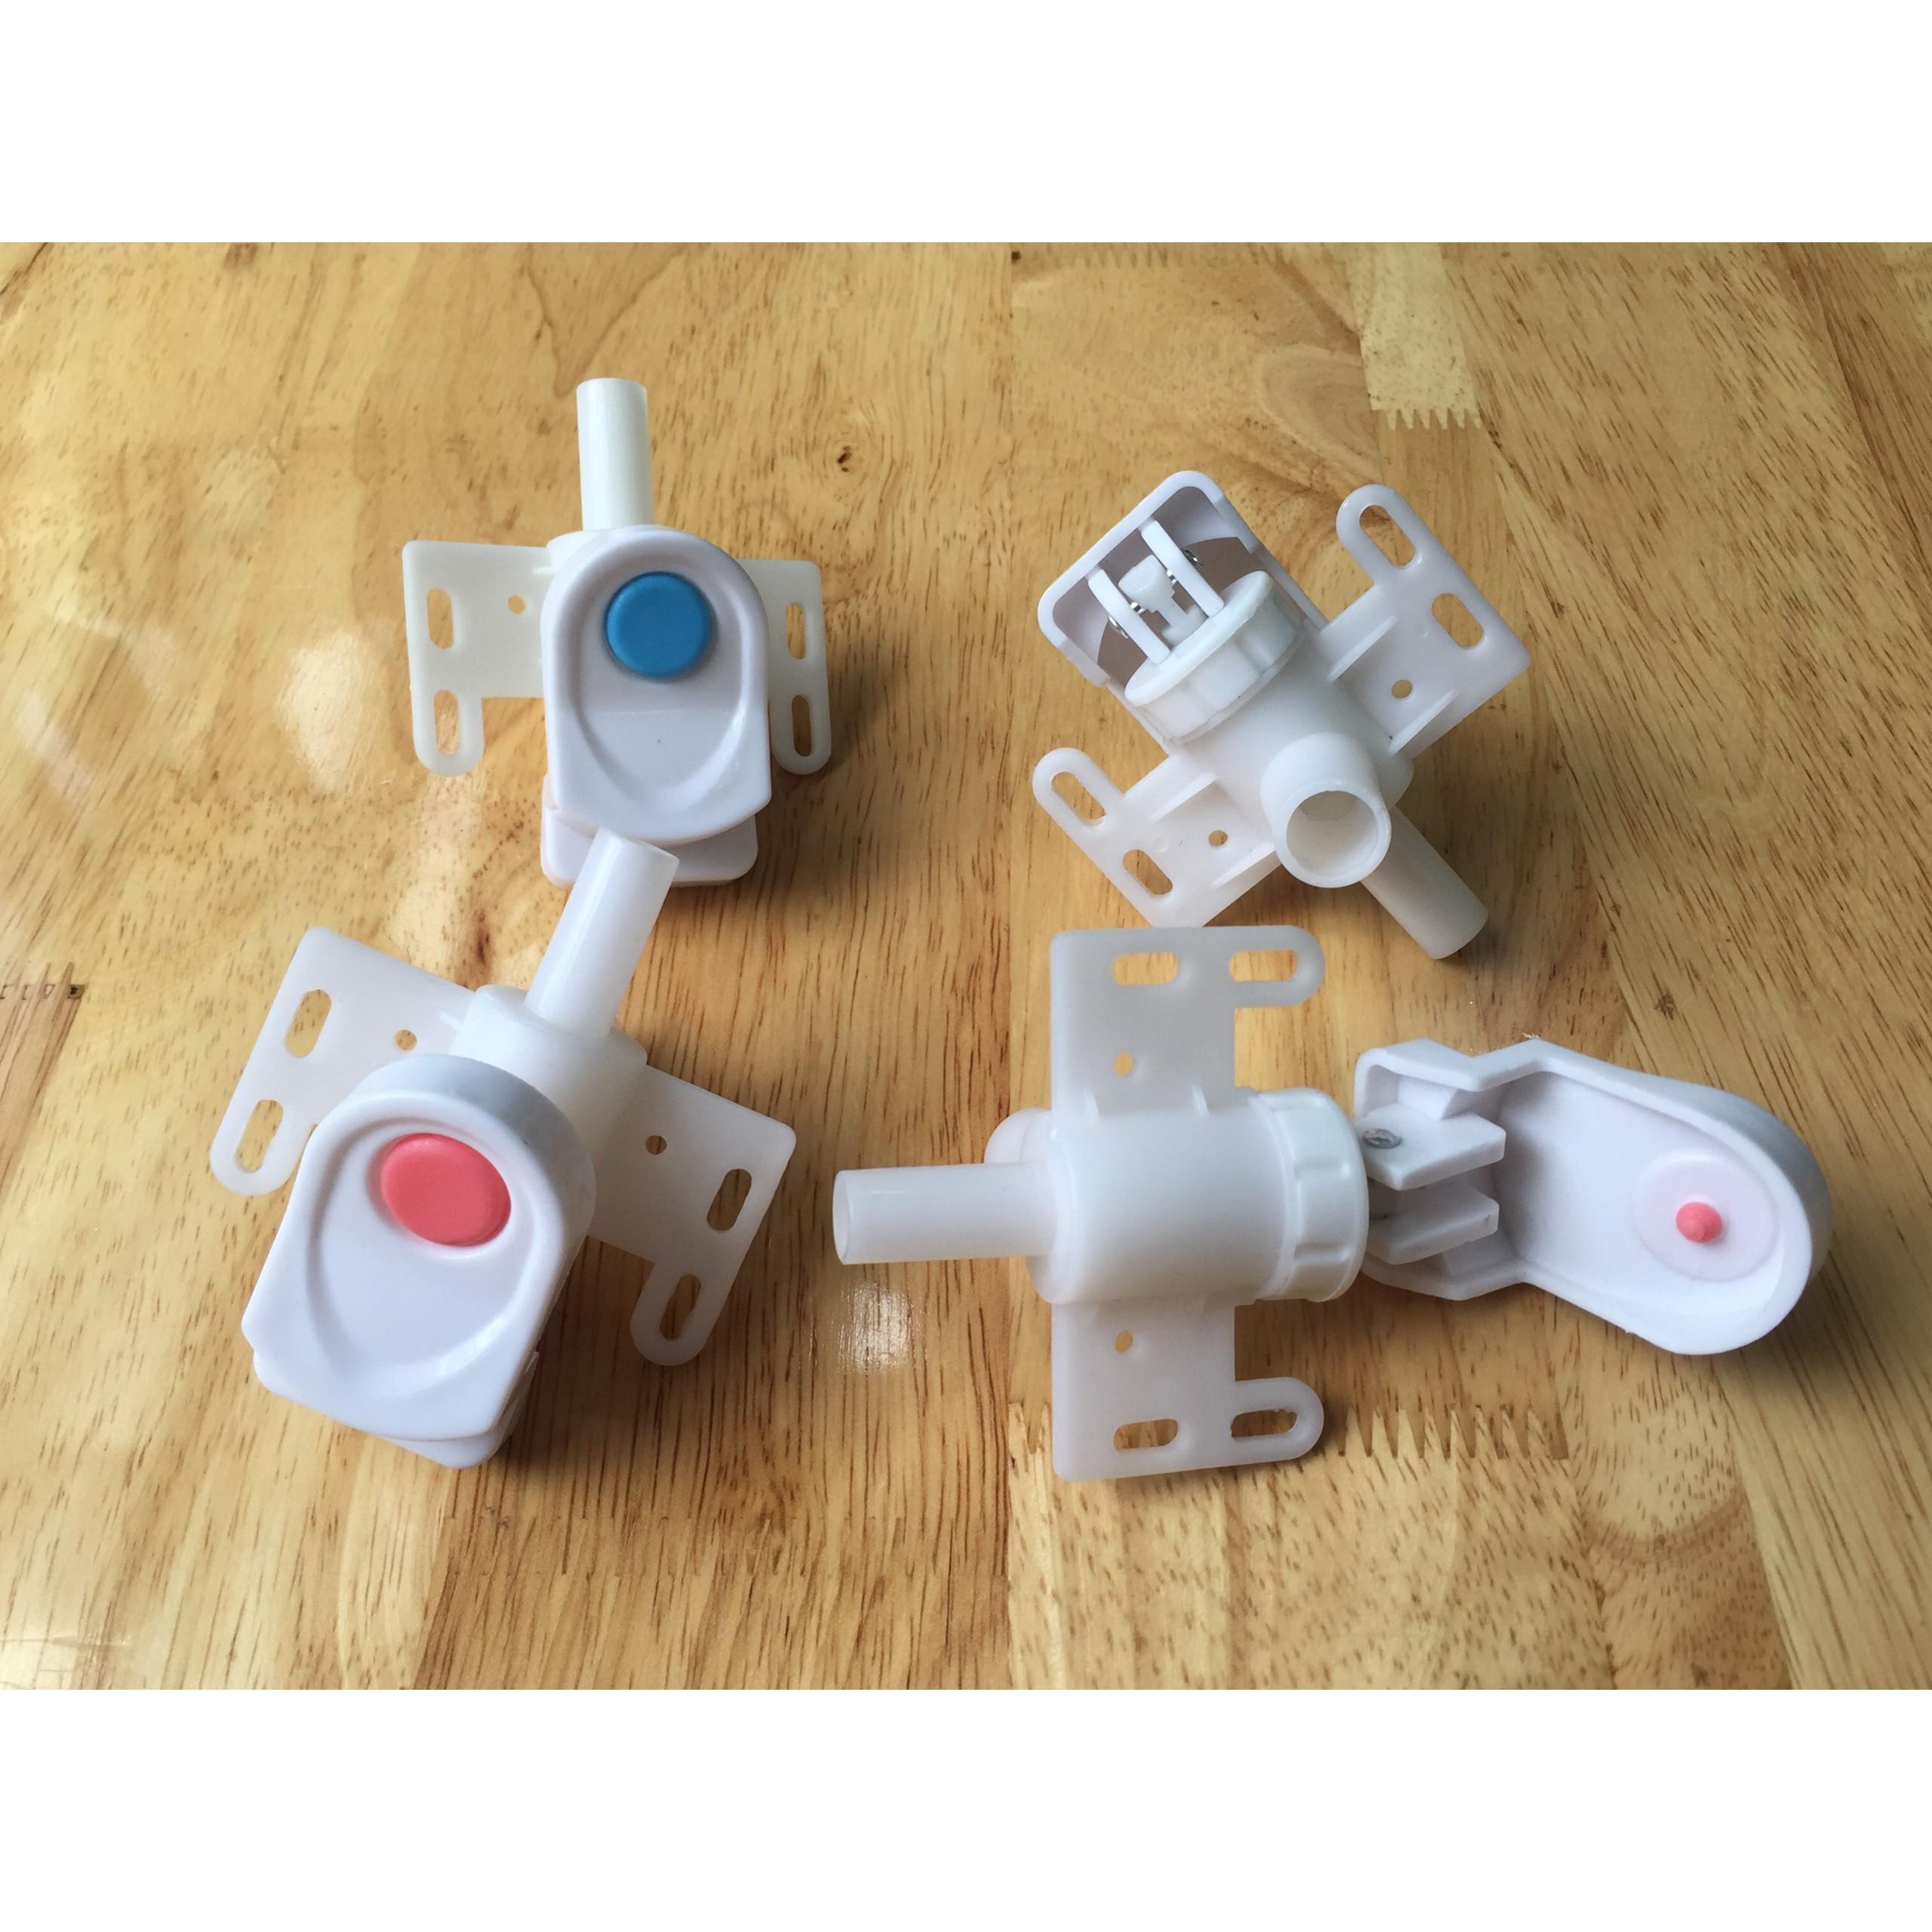 Vòi cây nước nóng lạnh dành cho máy AIaska R7h1, R7H, R72 và R85